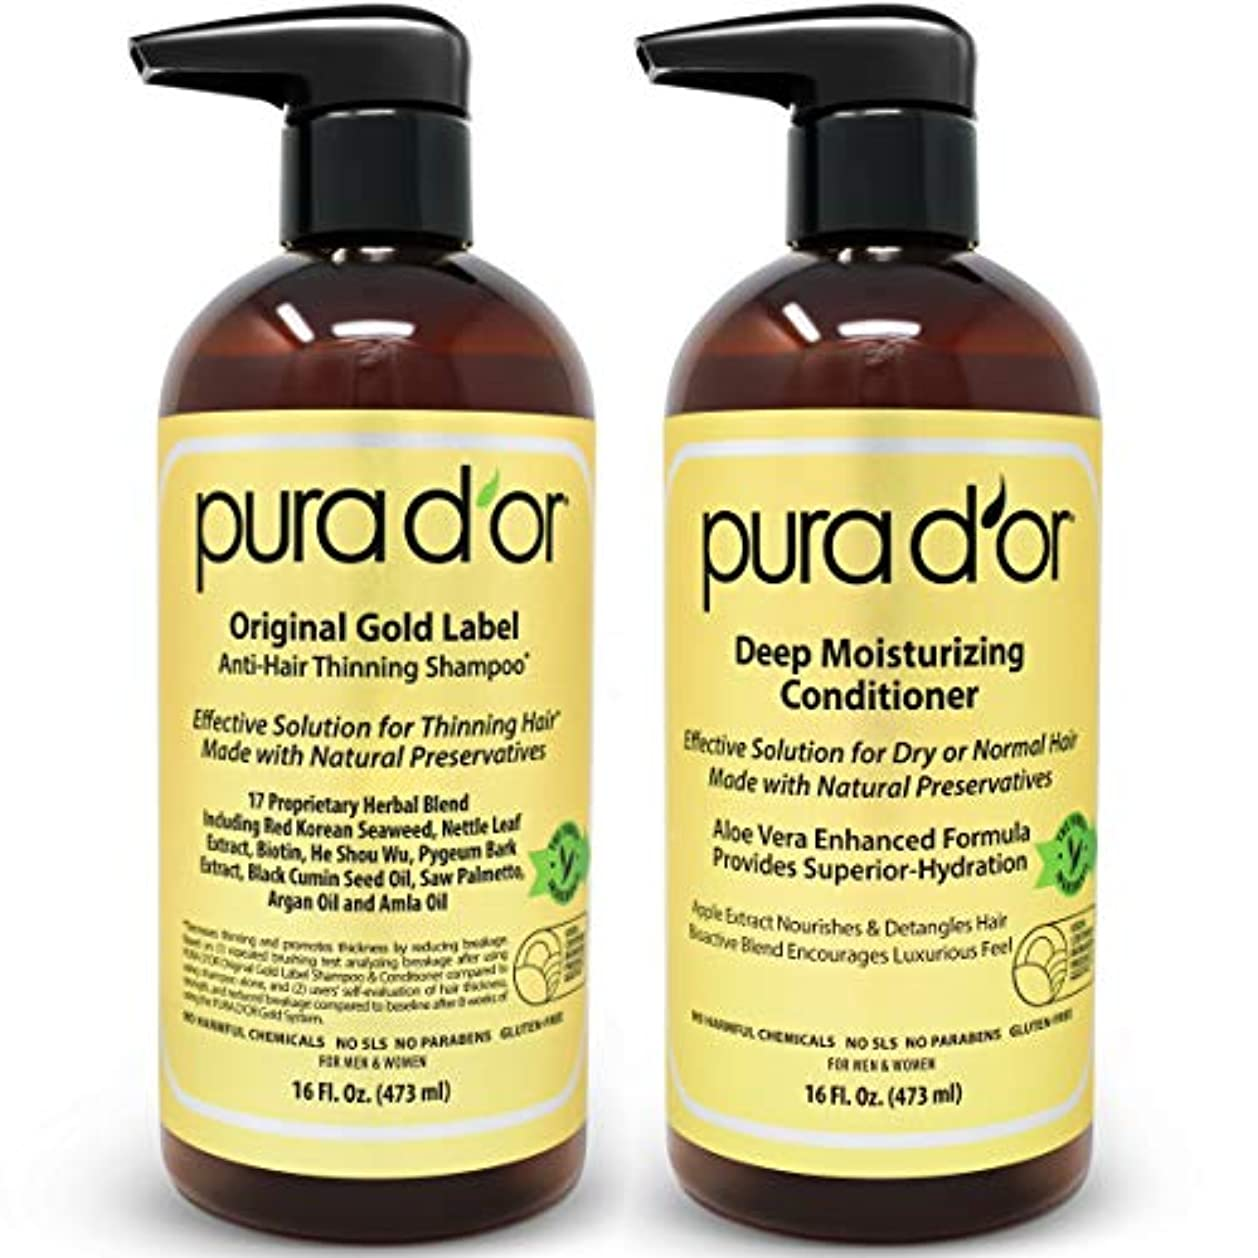 不安包帯半径PURA D'OR オリジナル ゴールド ラベル 薄毛予防用 -臨床実験済み -アルガンオイル、ビオチン、天然原料、硫酸系化合物不使用、全髪タイプに、男性&女性用(パッケージは異なる場合があります) シャンプー&コンディショナー